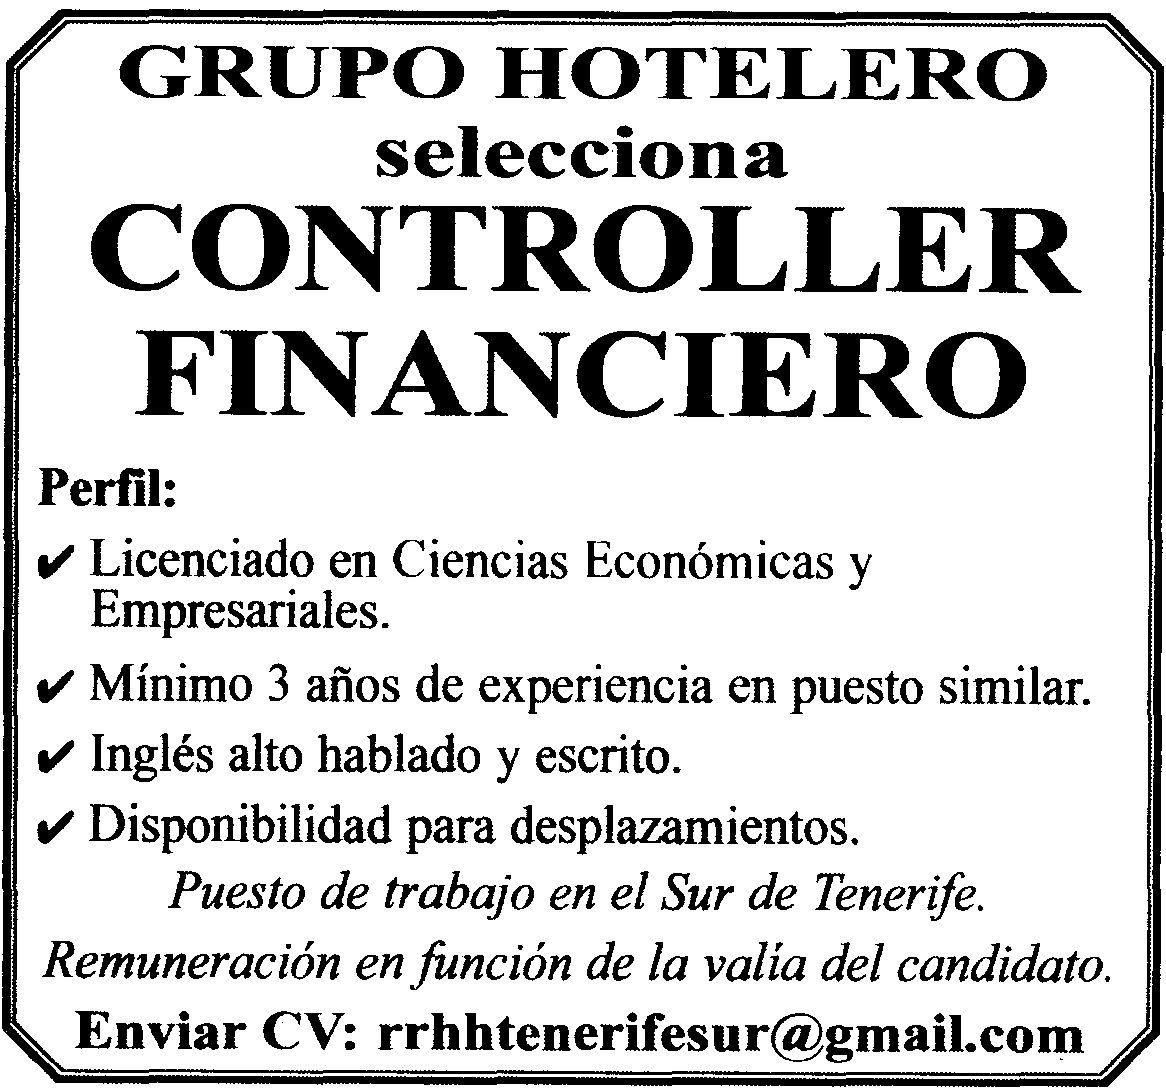 Oferta de empleo controller financiero para el sur de - Oferta de trabajo ...